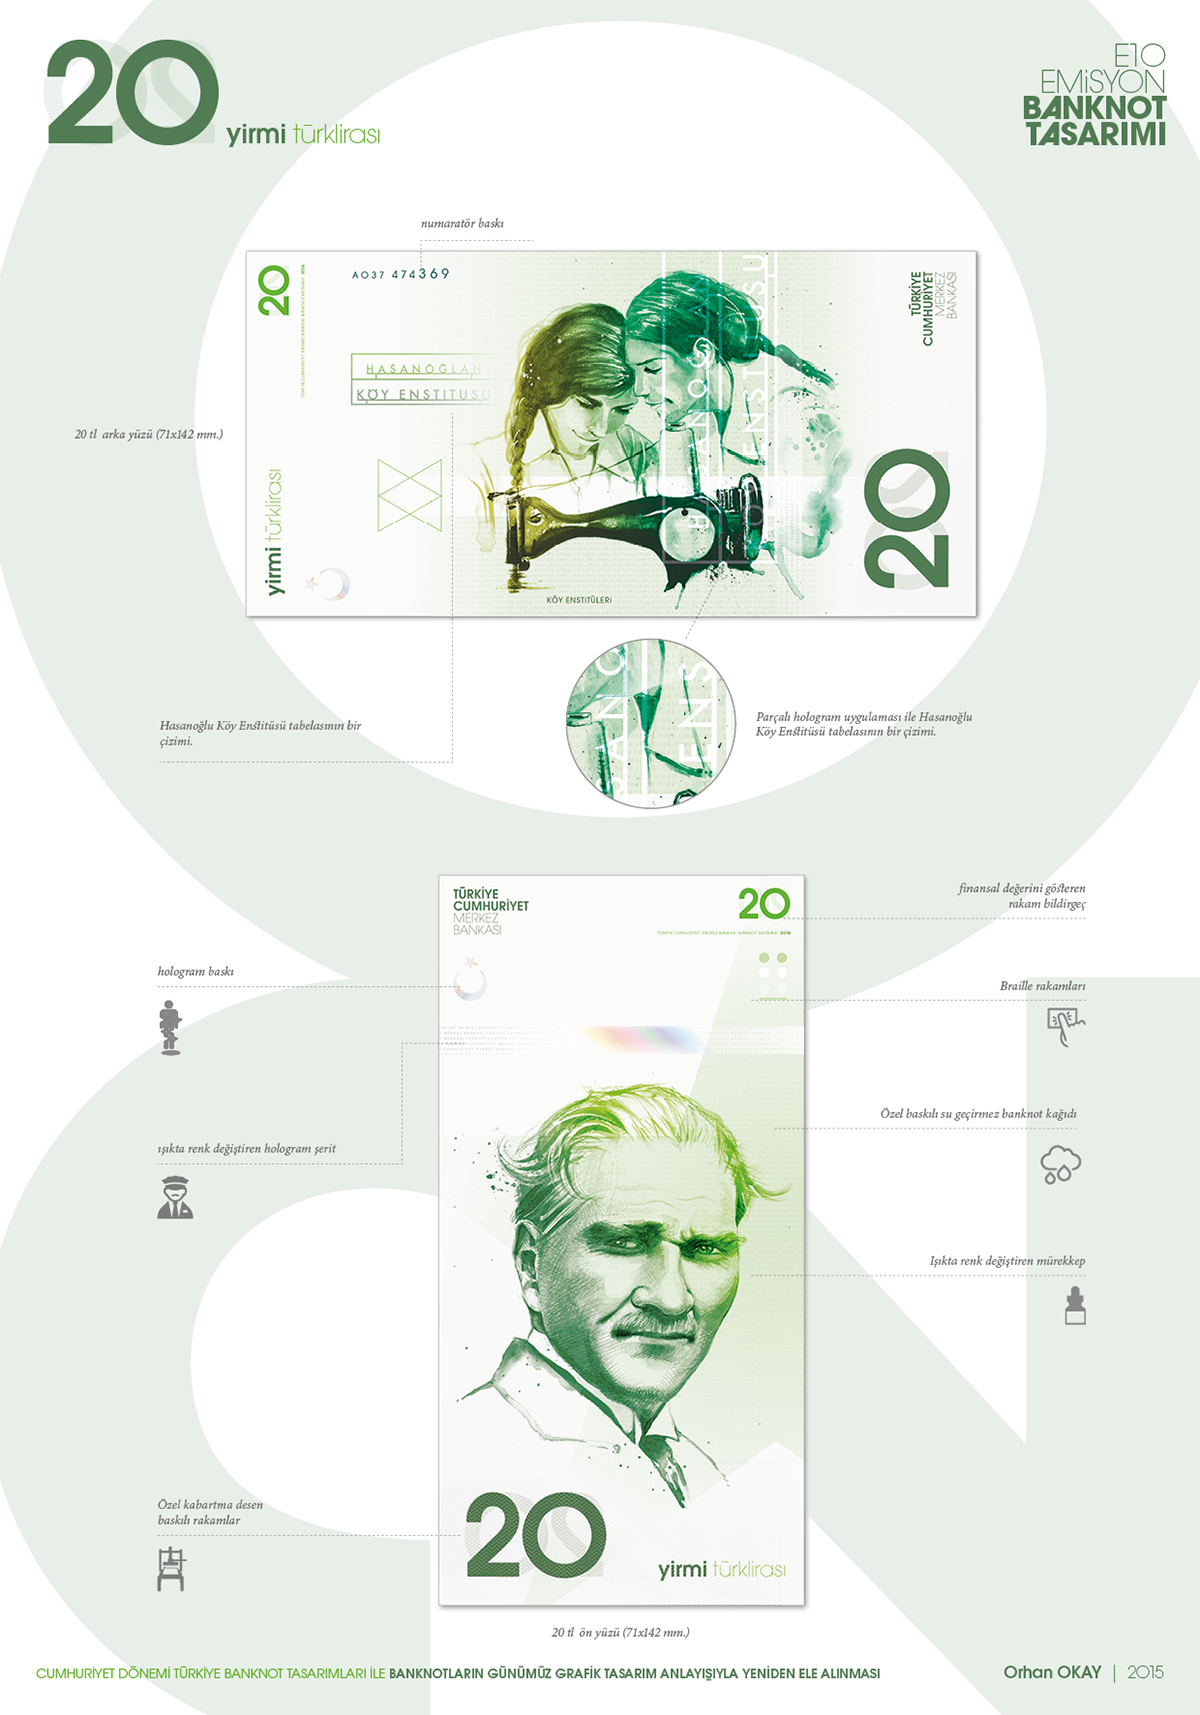 currency design Banknote money Ataturk mustafa kemal türkiye para attila ilhan bahriye üçok canakkale seyit onbaşı